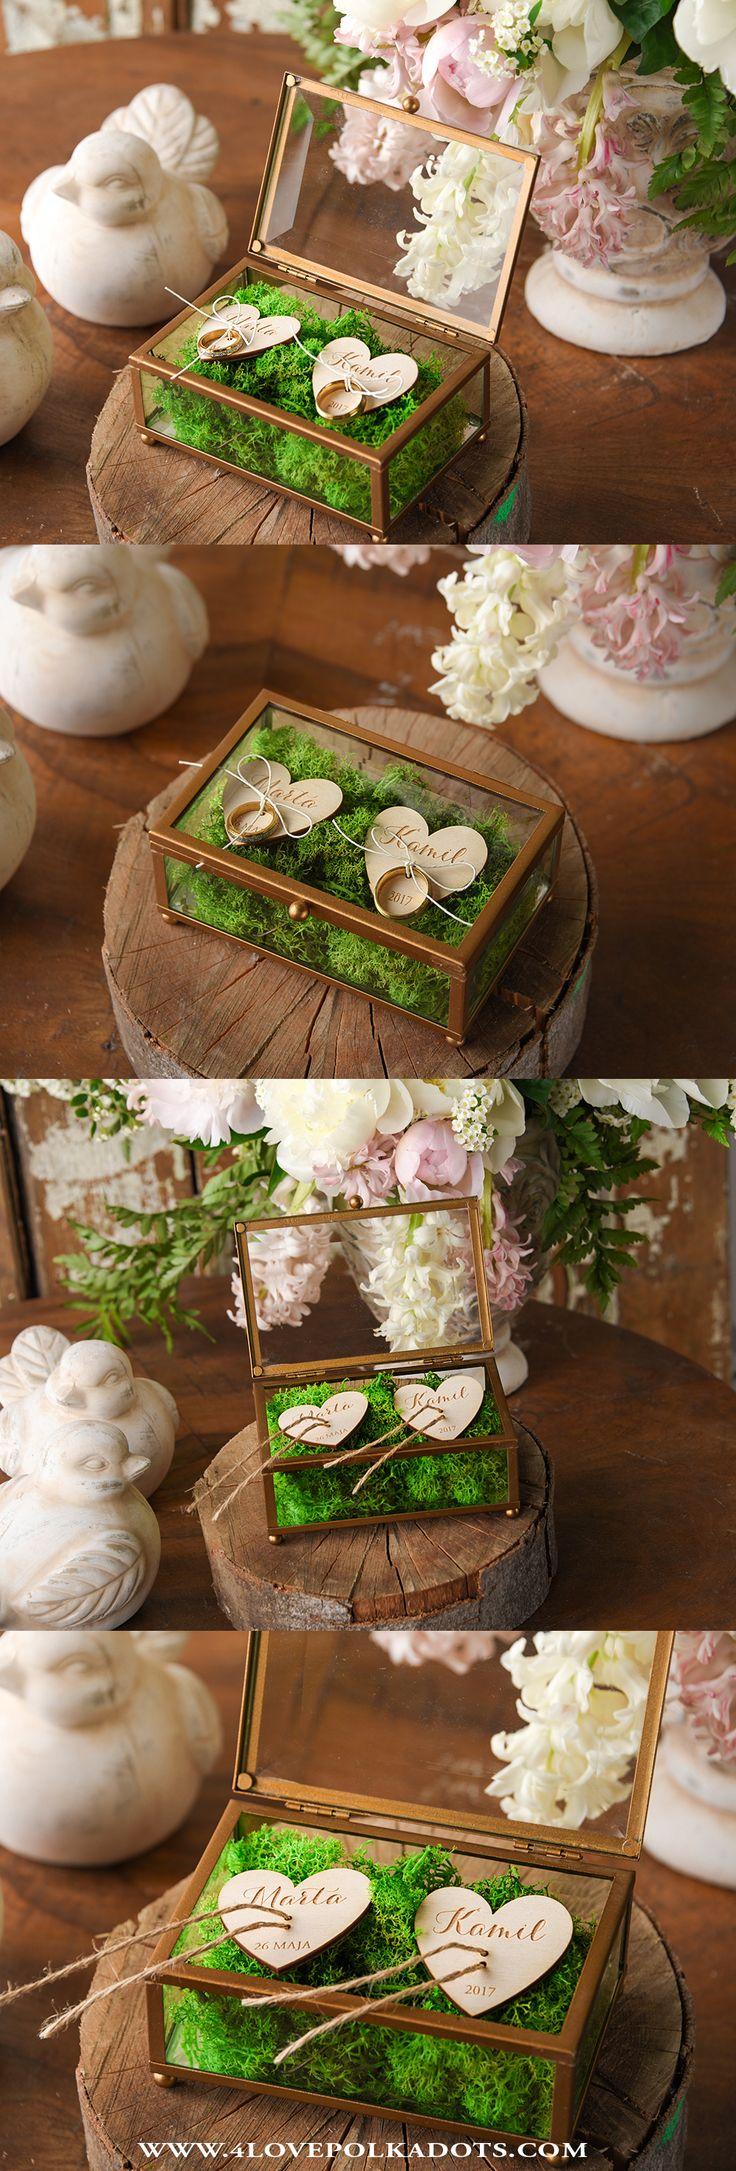 Unique Glass Wedding Ring Box #boho #weddingideas